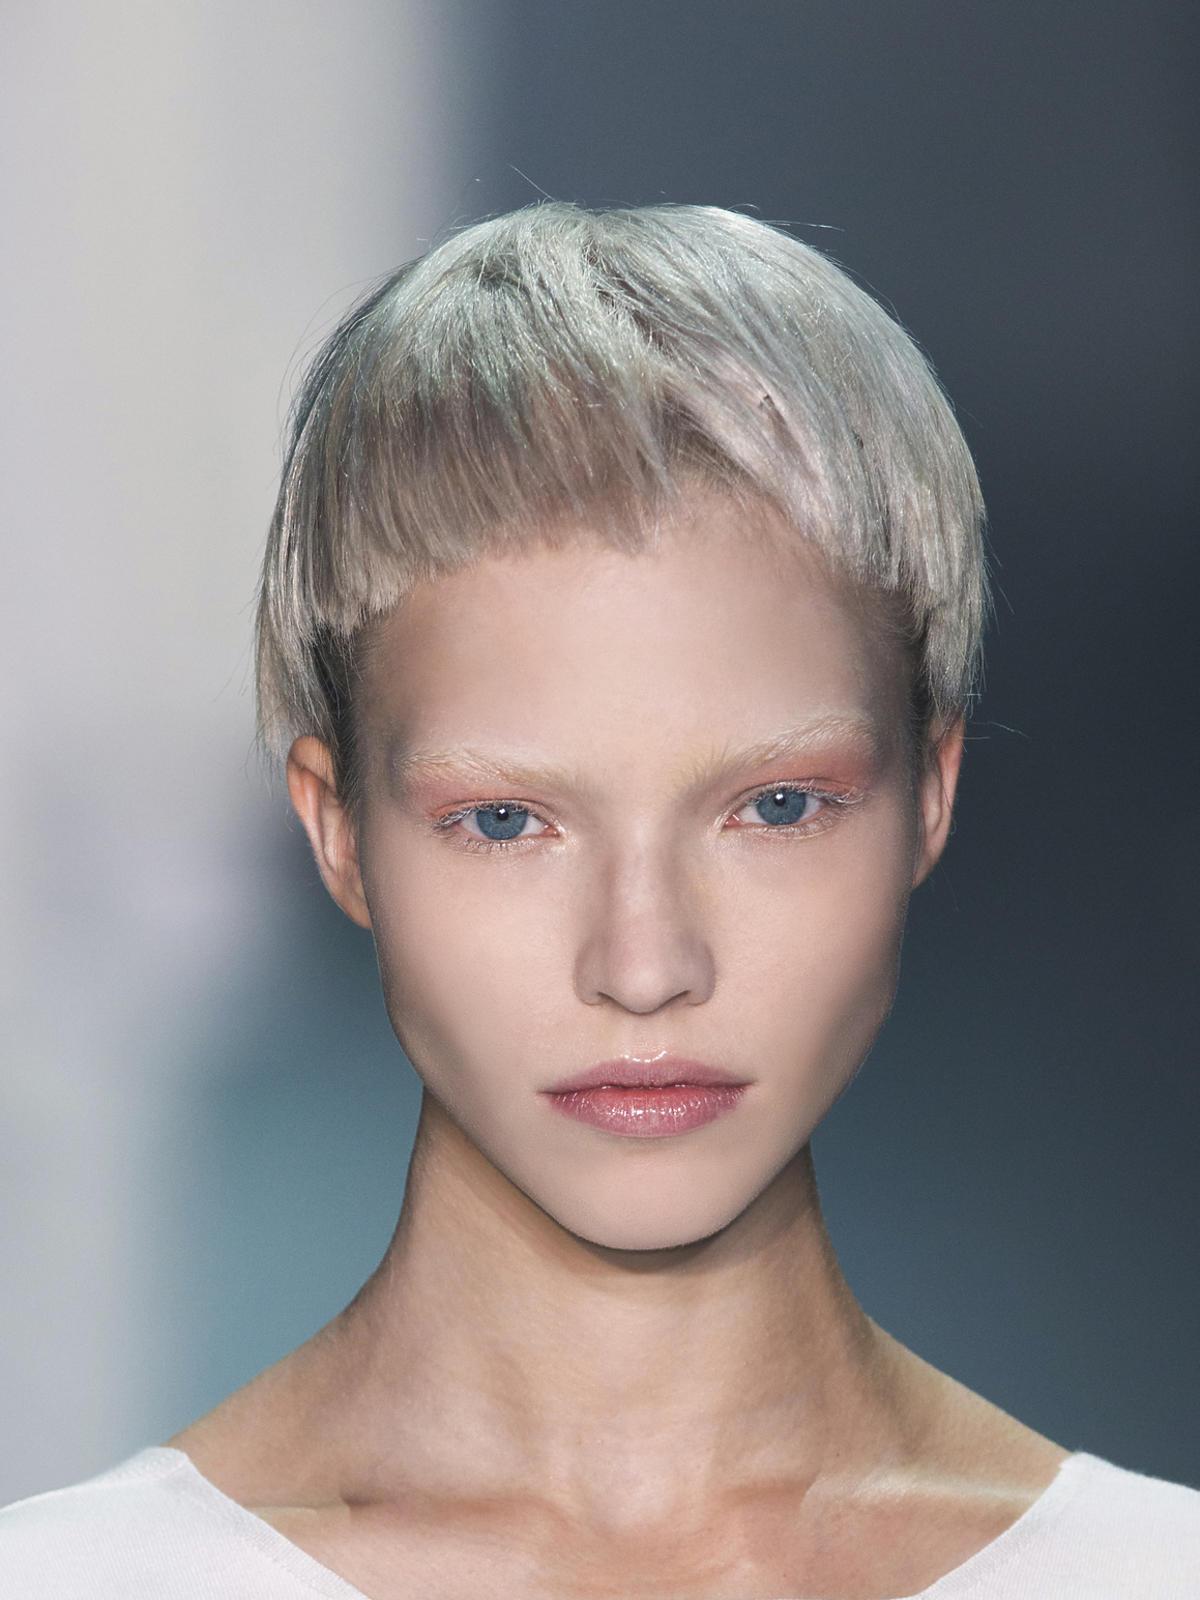 Krótki platynowy blond na wiosnę 2015, Ackermann